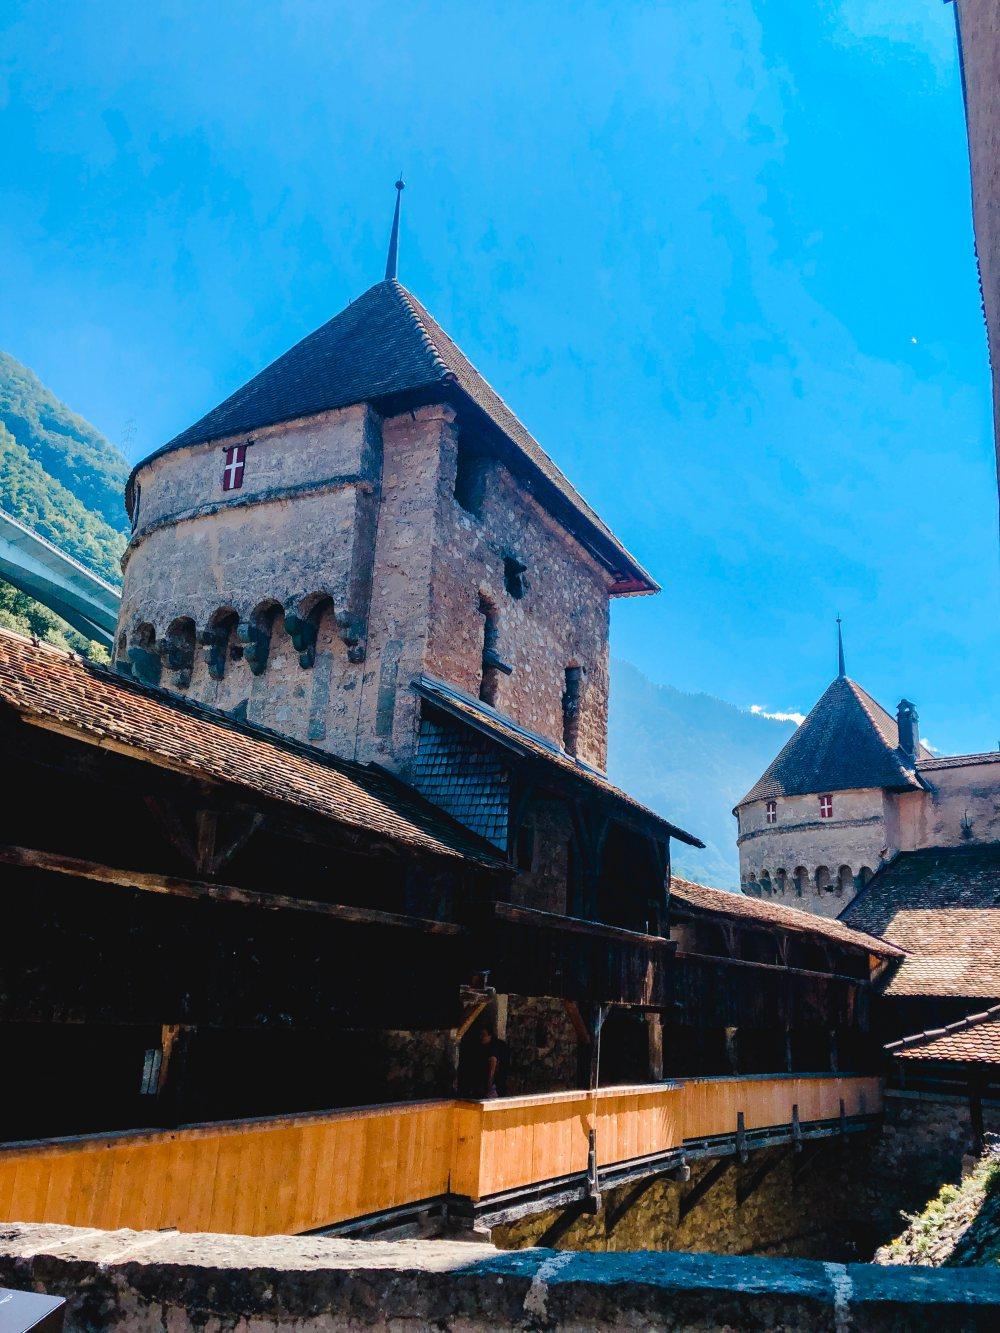 chateau-de-chillon-montreux-castle